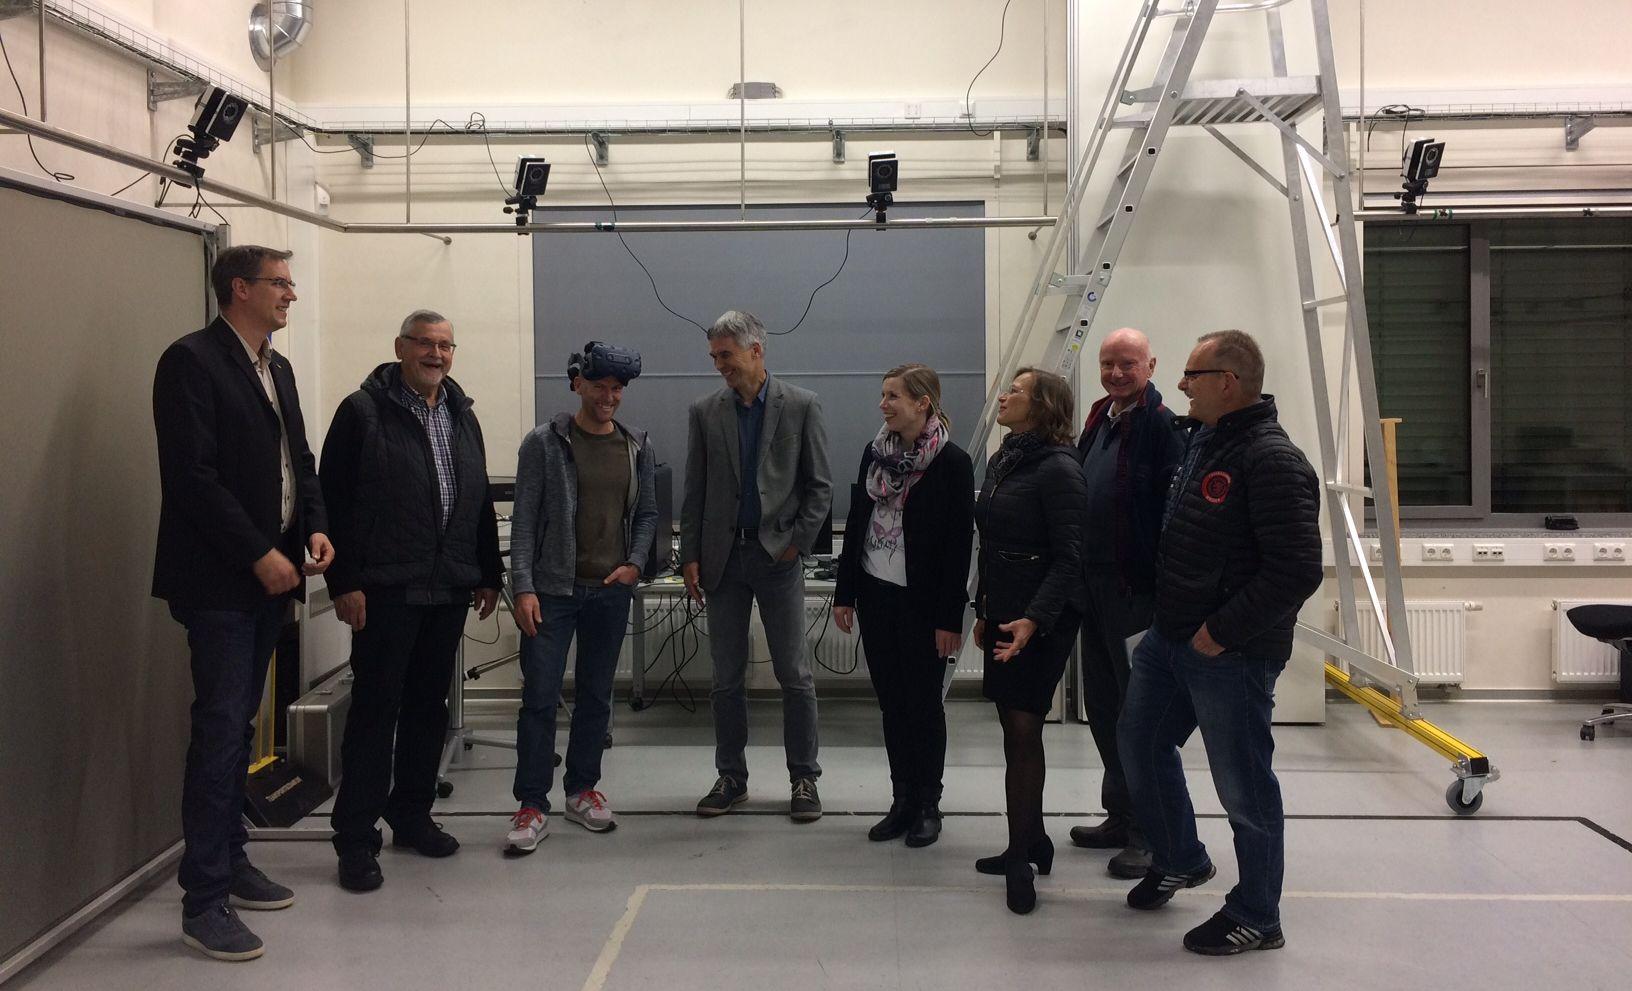 Sportkommission zu Besuch im JLU Sportinstitut Kugelberg - Gruppenbild